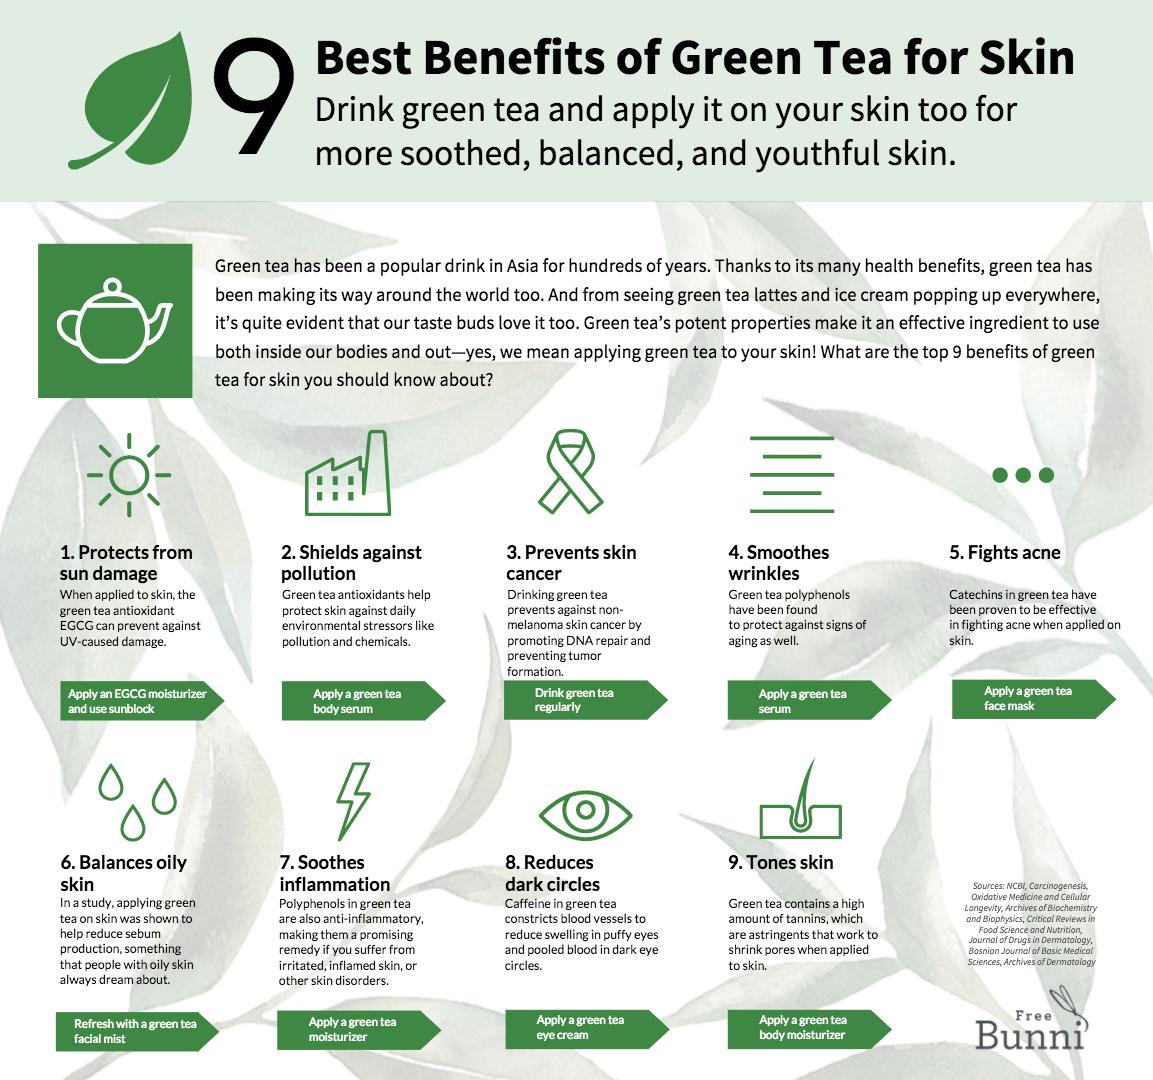 9 best benefits of green tea for skin | green tea benefits